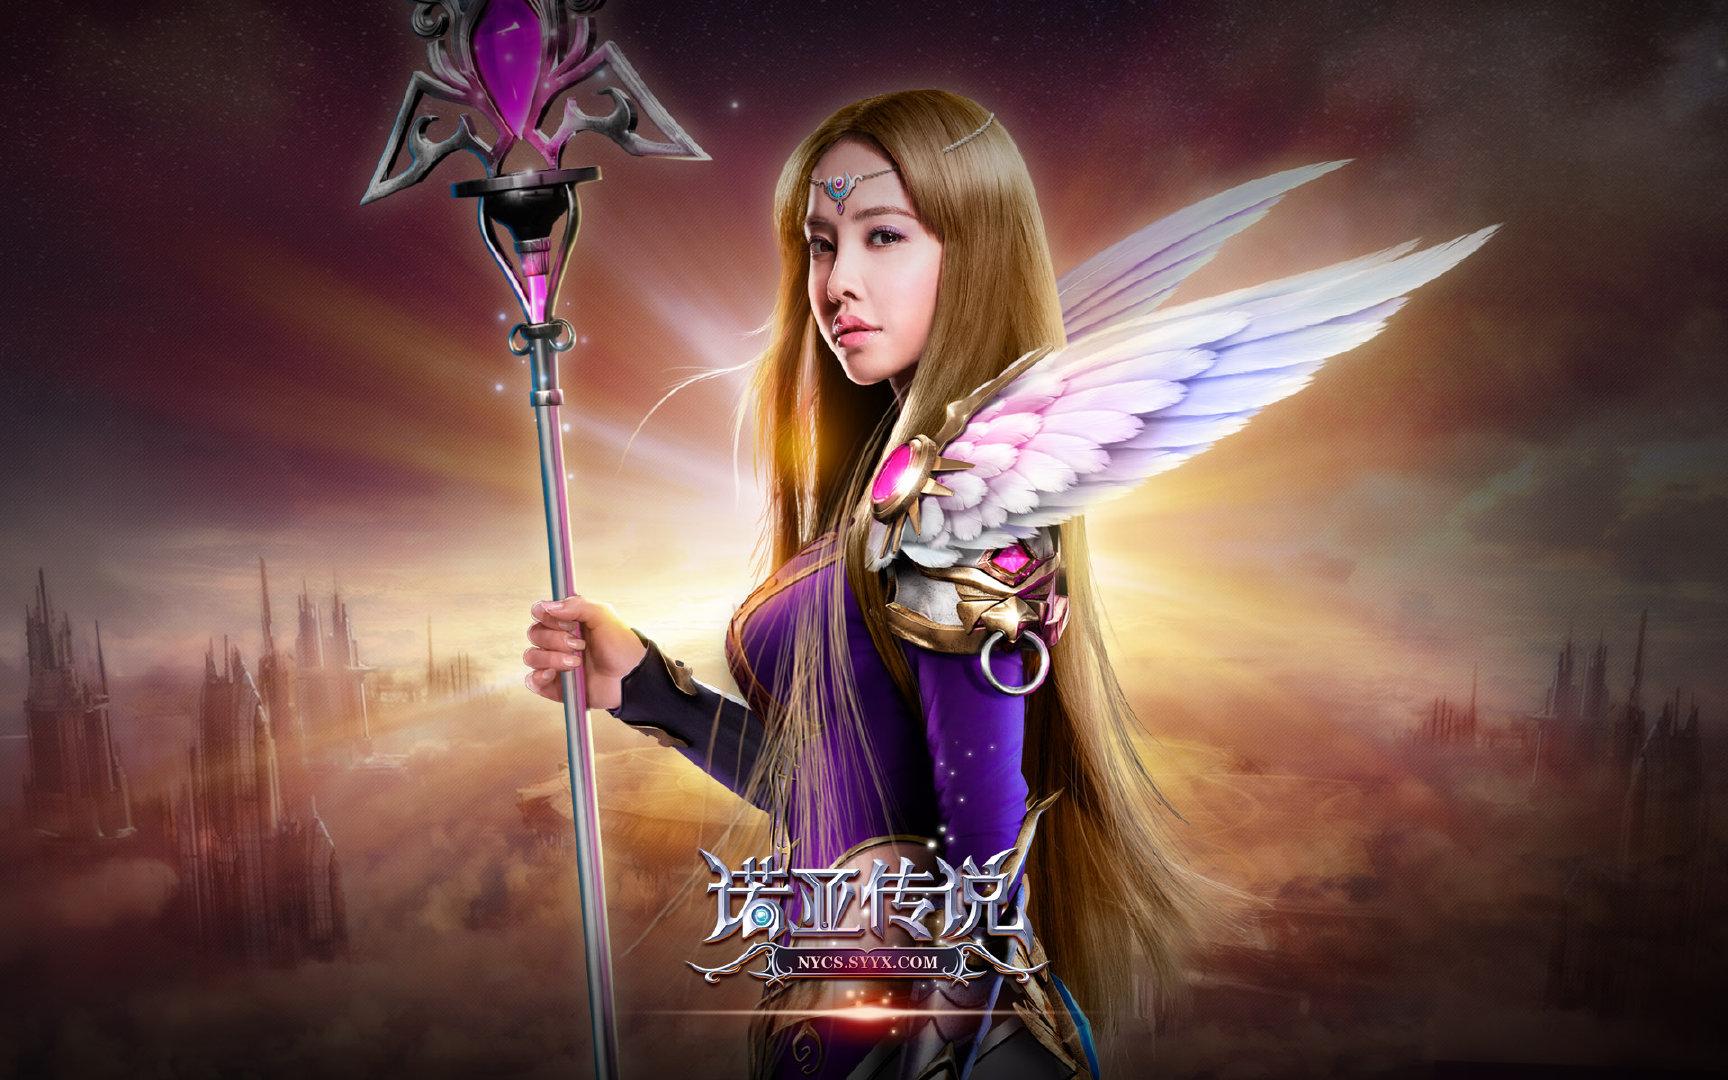 《诺亚传说》蔡依林代言1080P高清壁纸图片